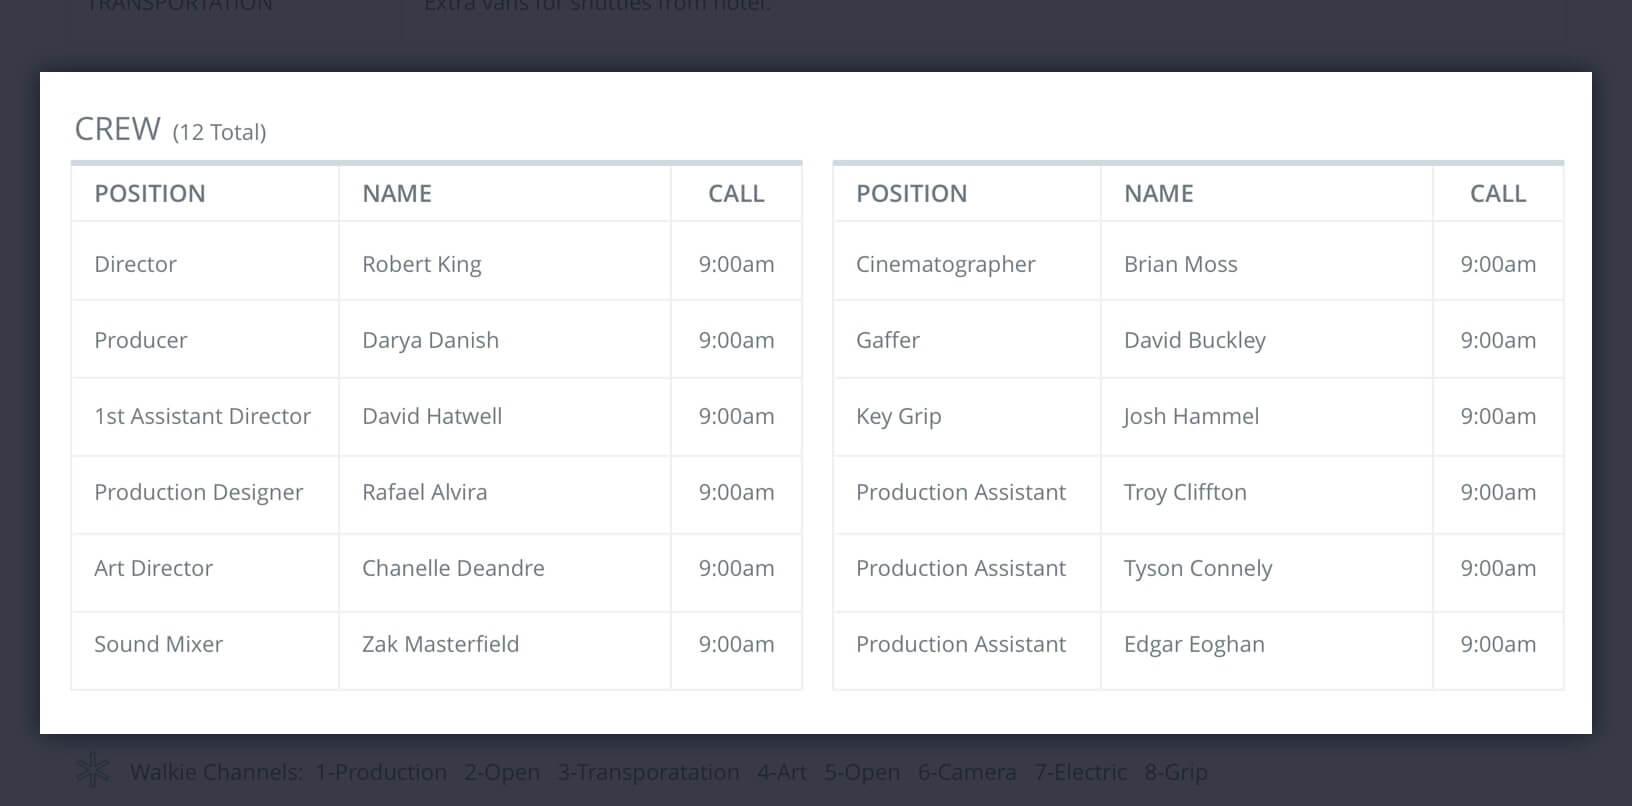 Callsheet Template Anatomy   Crew List   StudioBinder  Call Sheet Template Word